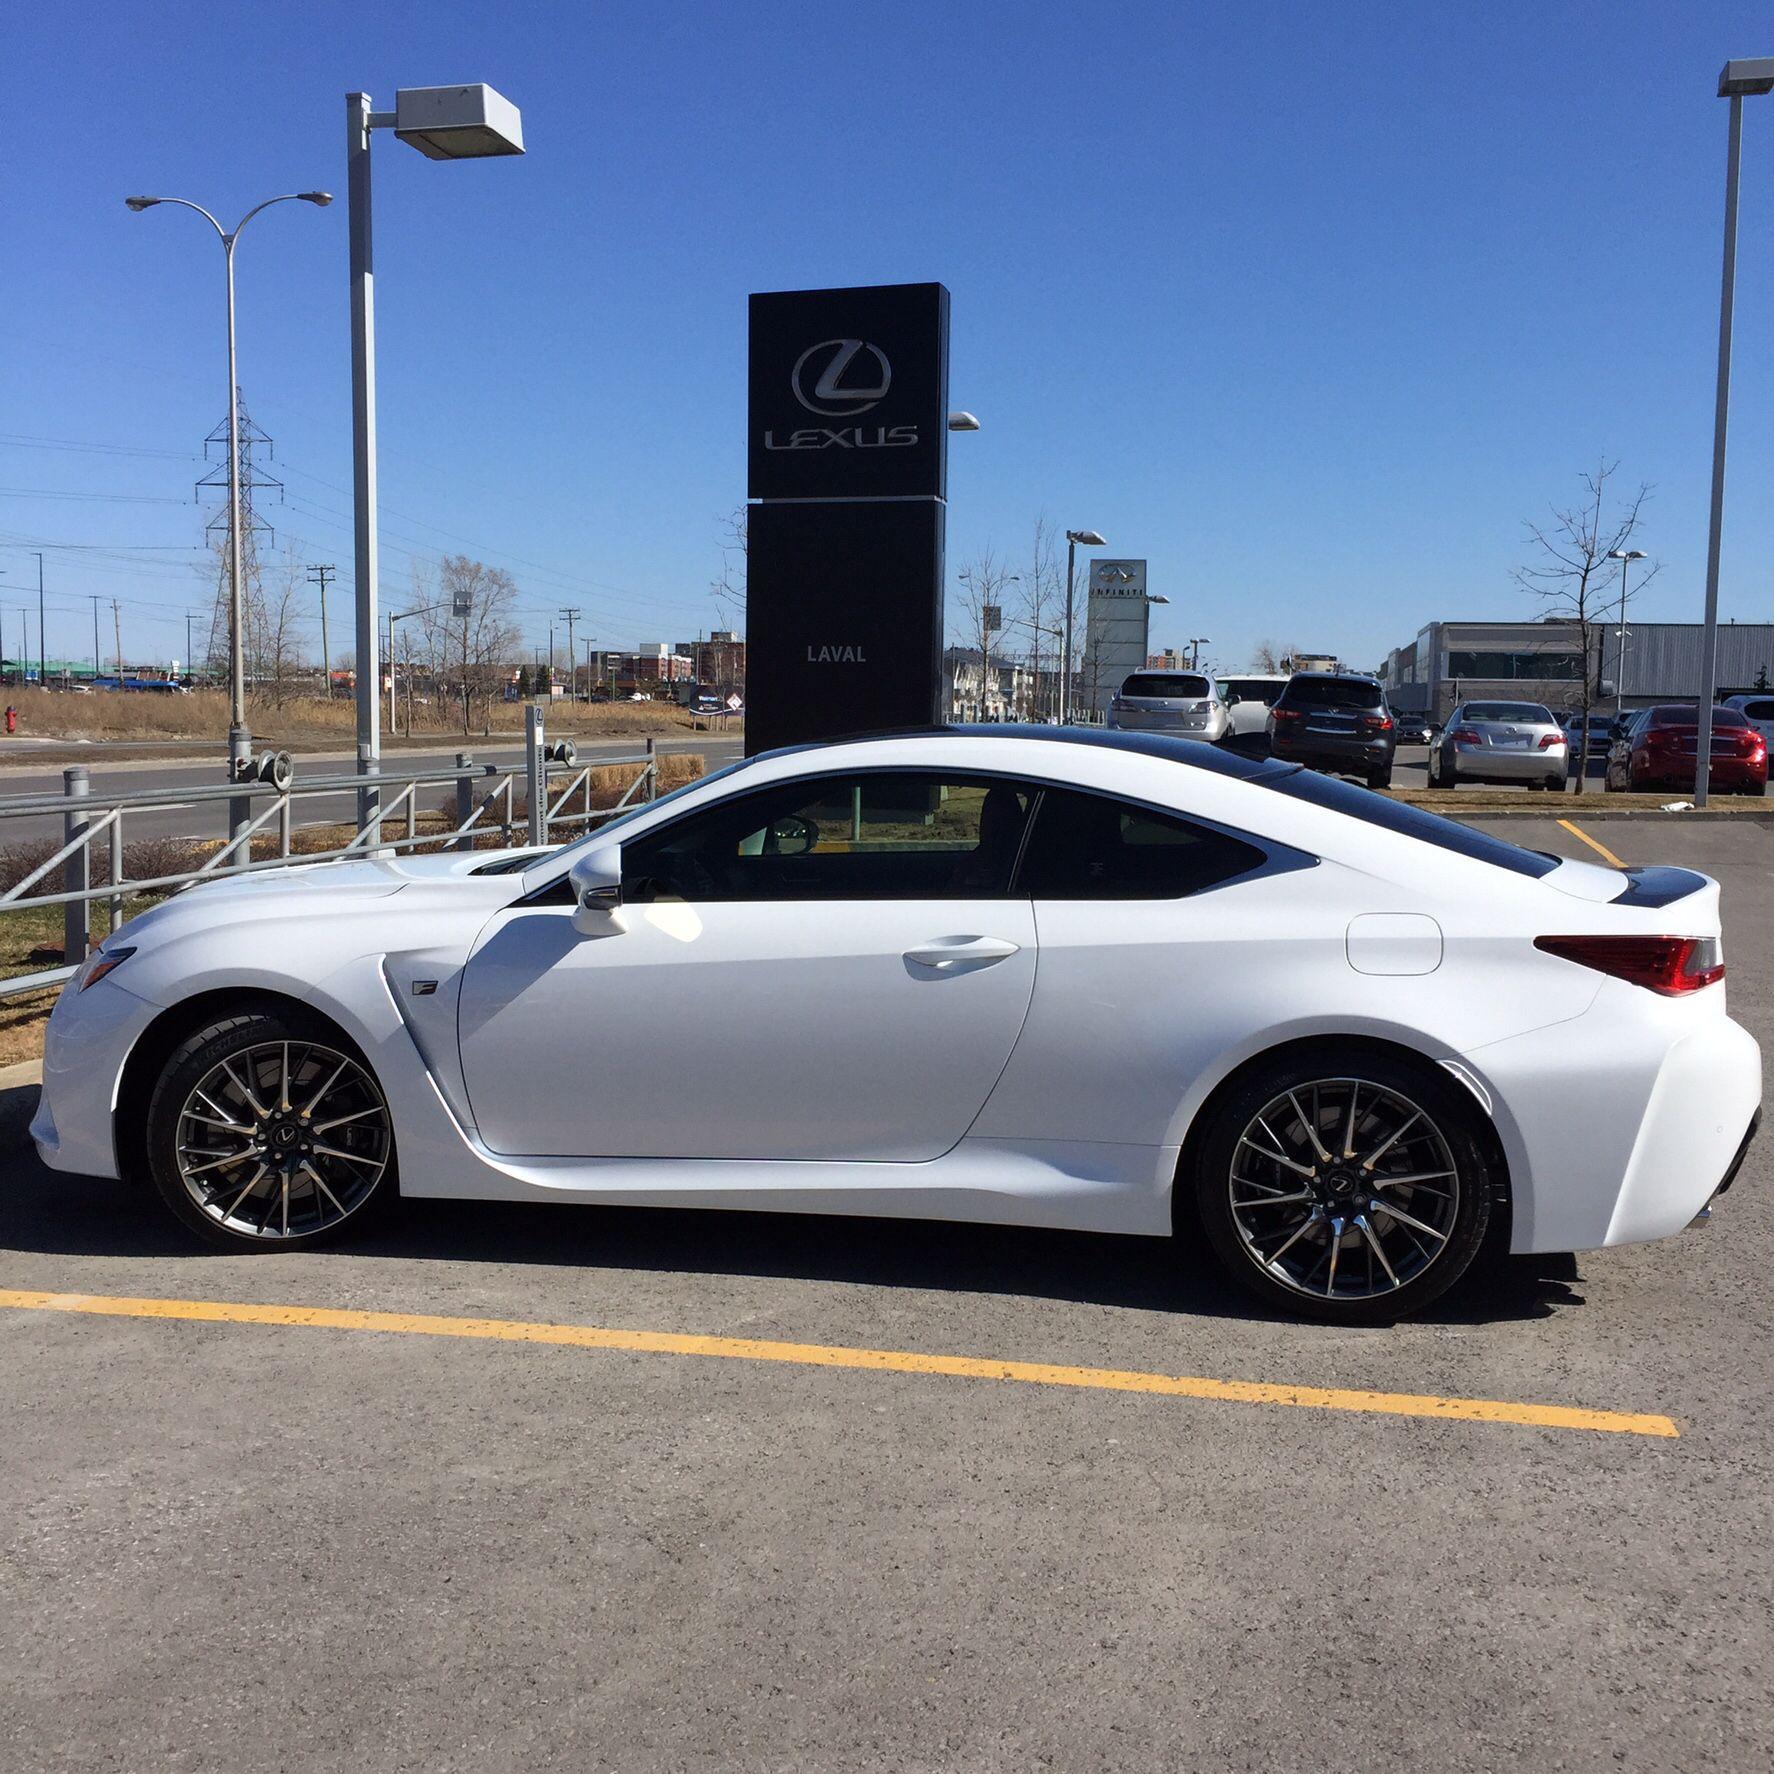 Lexus Rc F Performance Package Ultra White With Carbon Fibre Roof And Spoiler Lexus Rc F Avec Groupe Performance De Couleur Ultra Blanc Lexus Cars Lexus Bmw